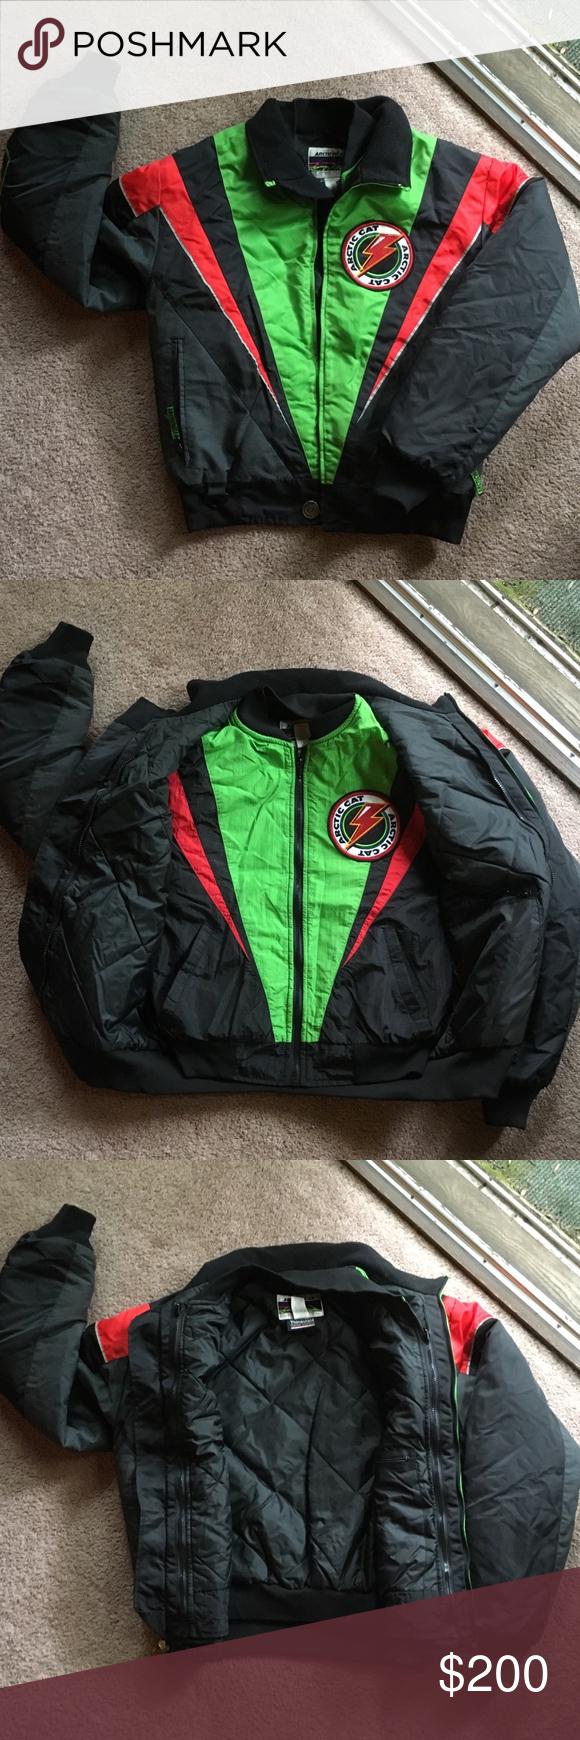 LAST CHANCE 🔥 Vintage Arctic Cat Coat & Jacket Clothes